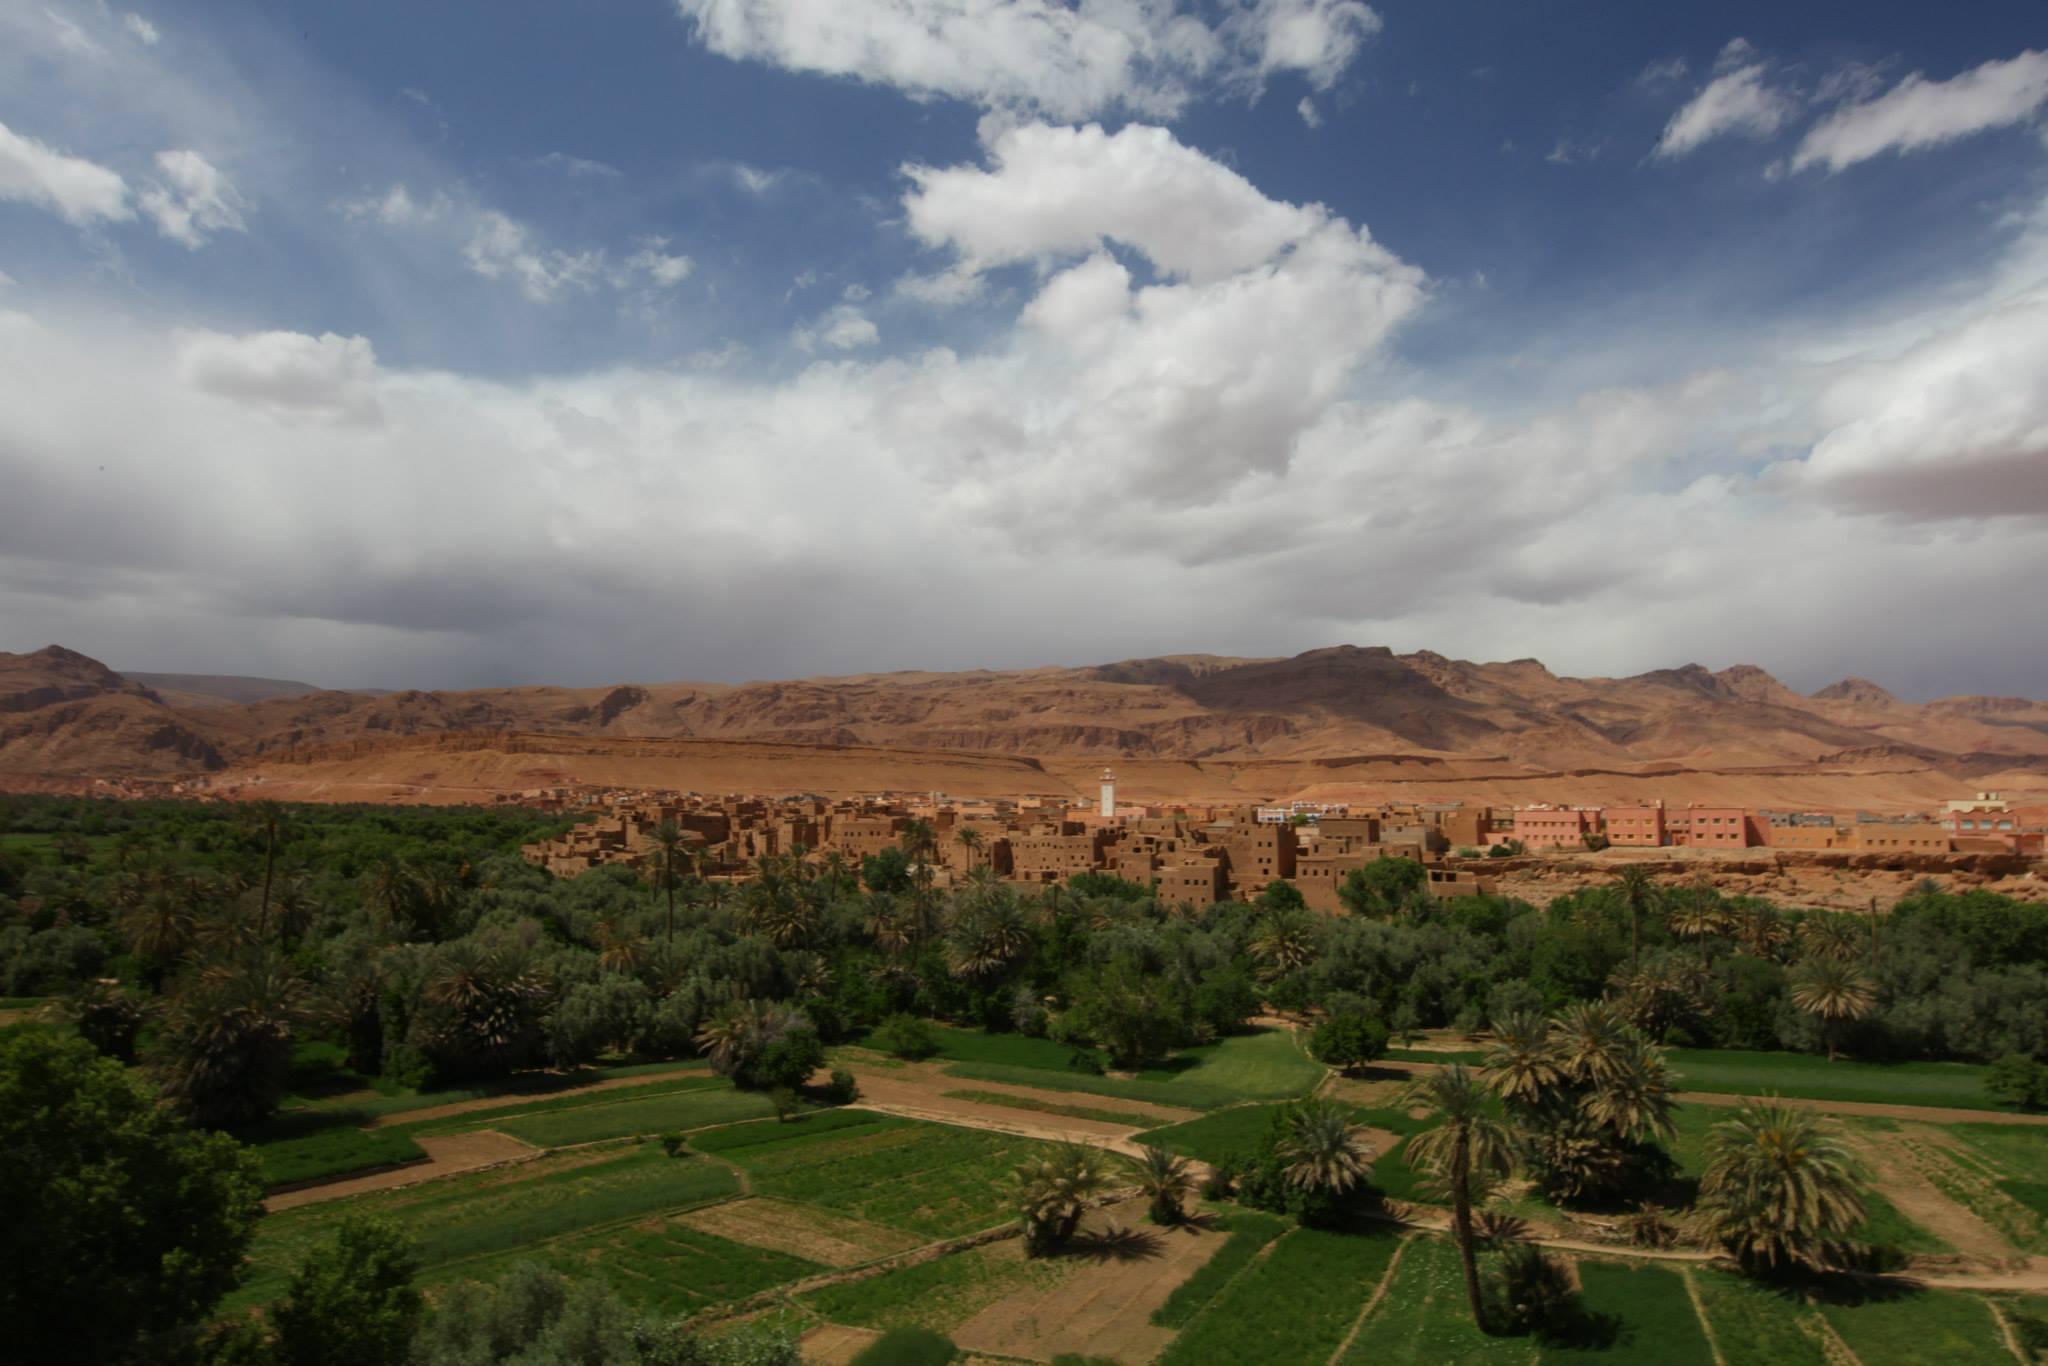 Maroc road trip